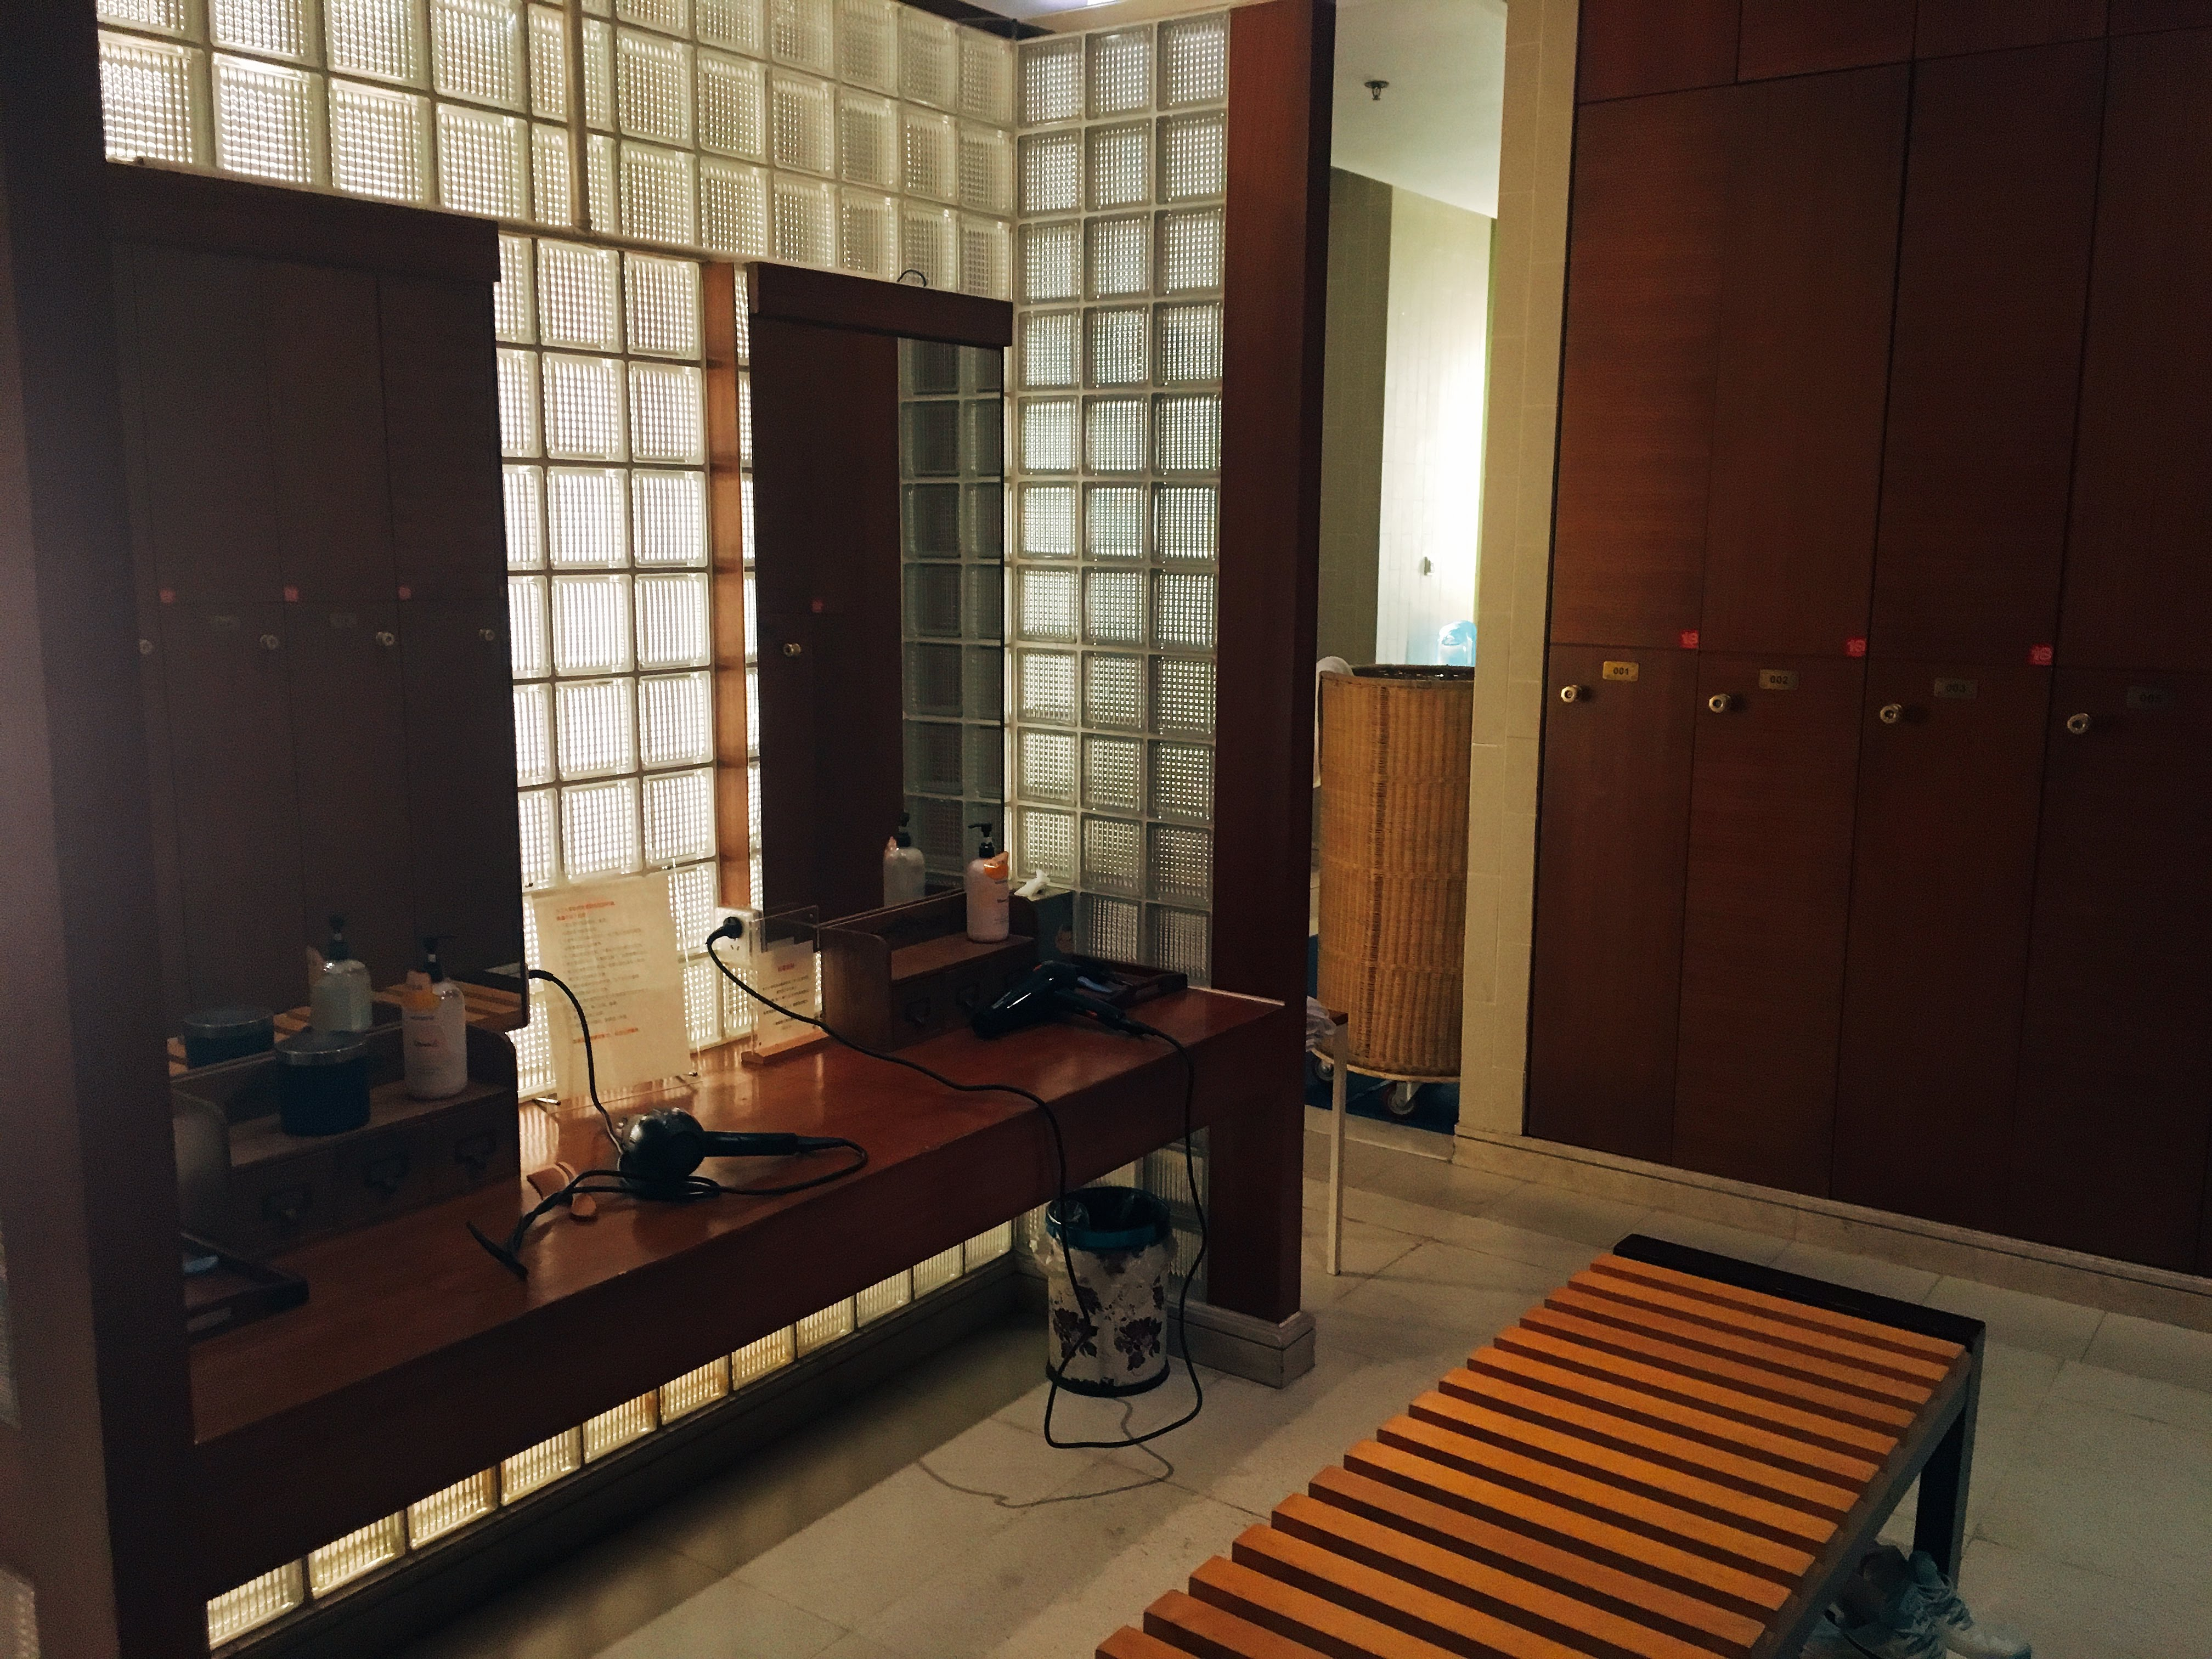 ミレニアム虹橋ホテル(上海千禧海鴎大酒店)